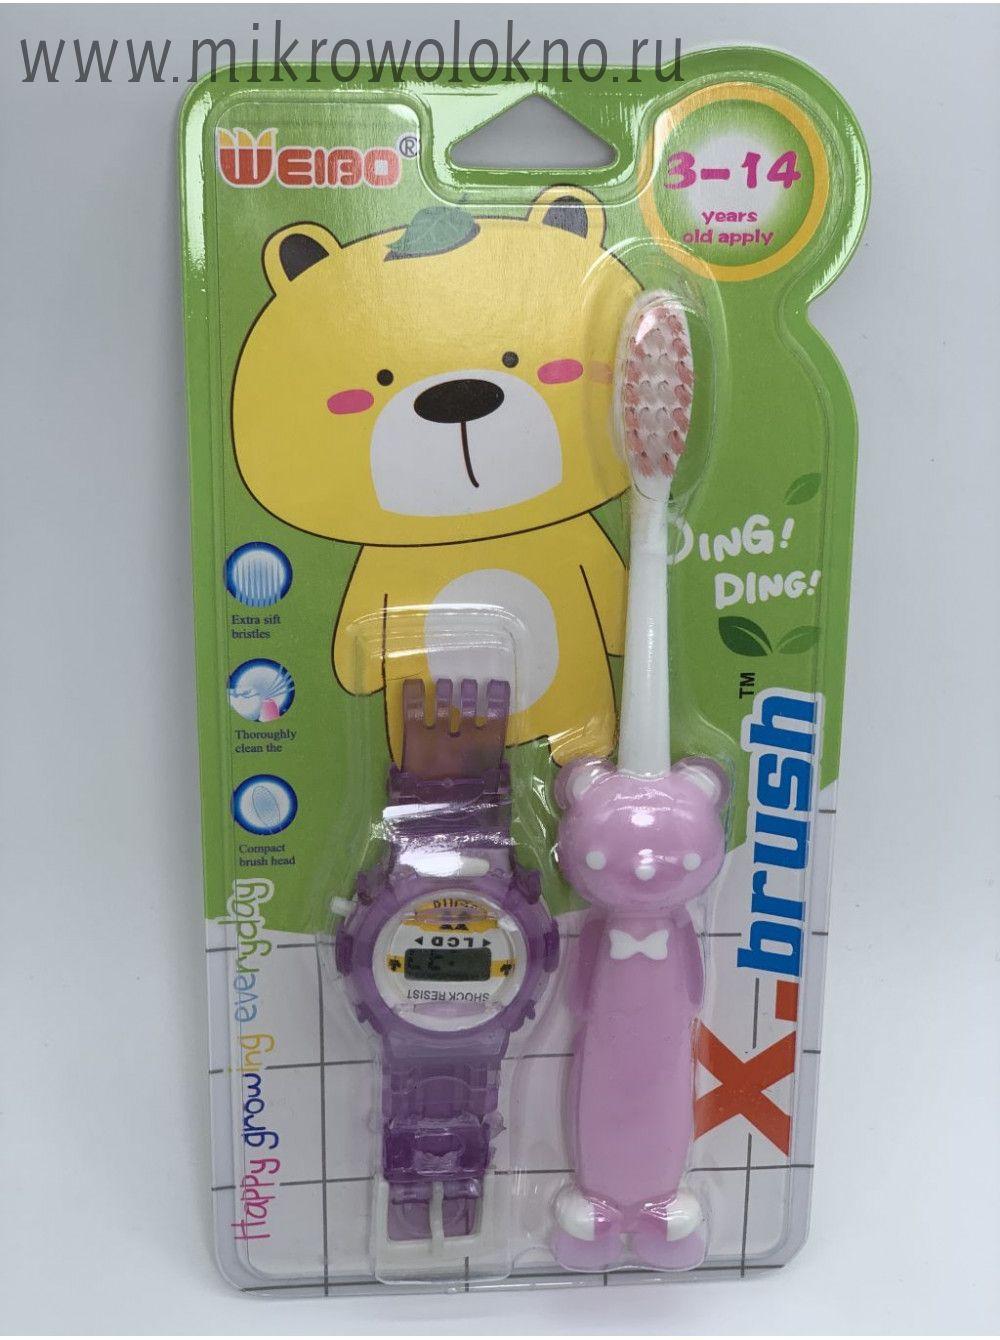 Детская зубная щётка с часами